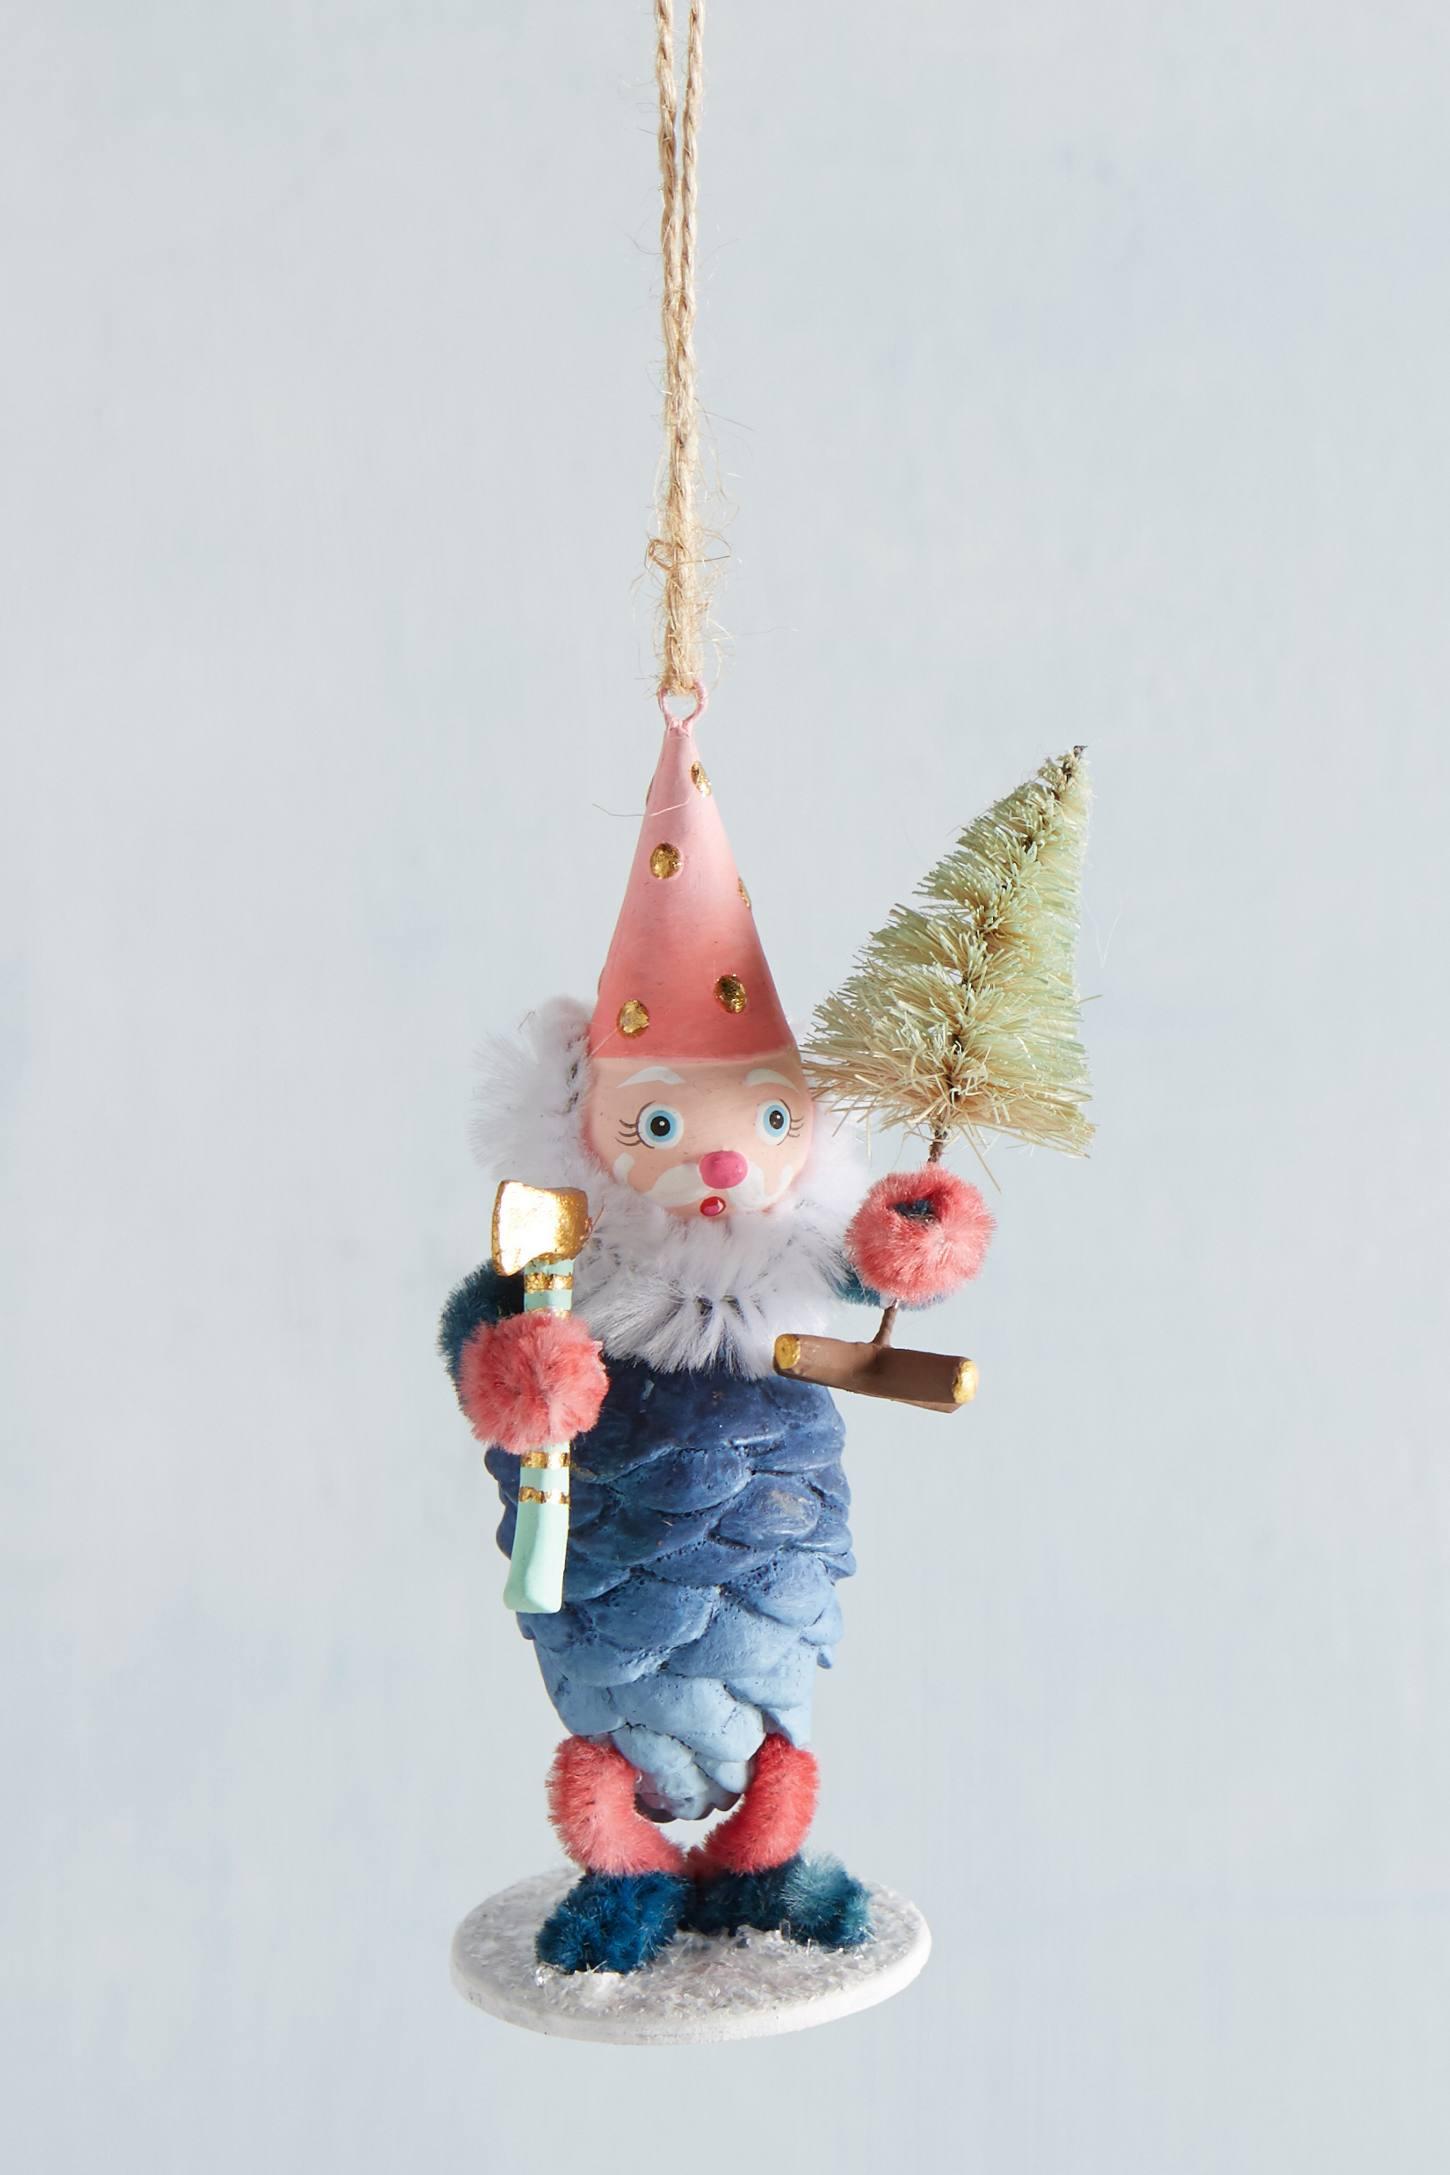 Pinecone Gnome Ornament